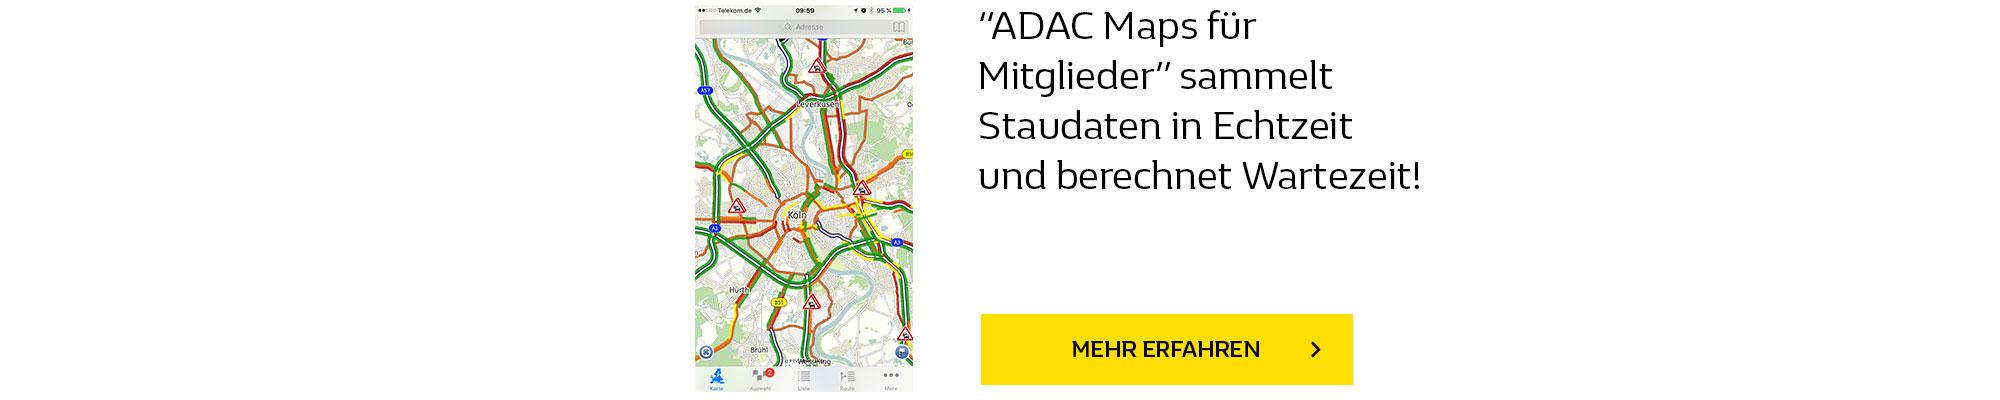 Stauwarner Adac